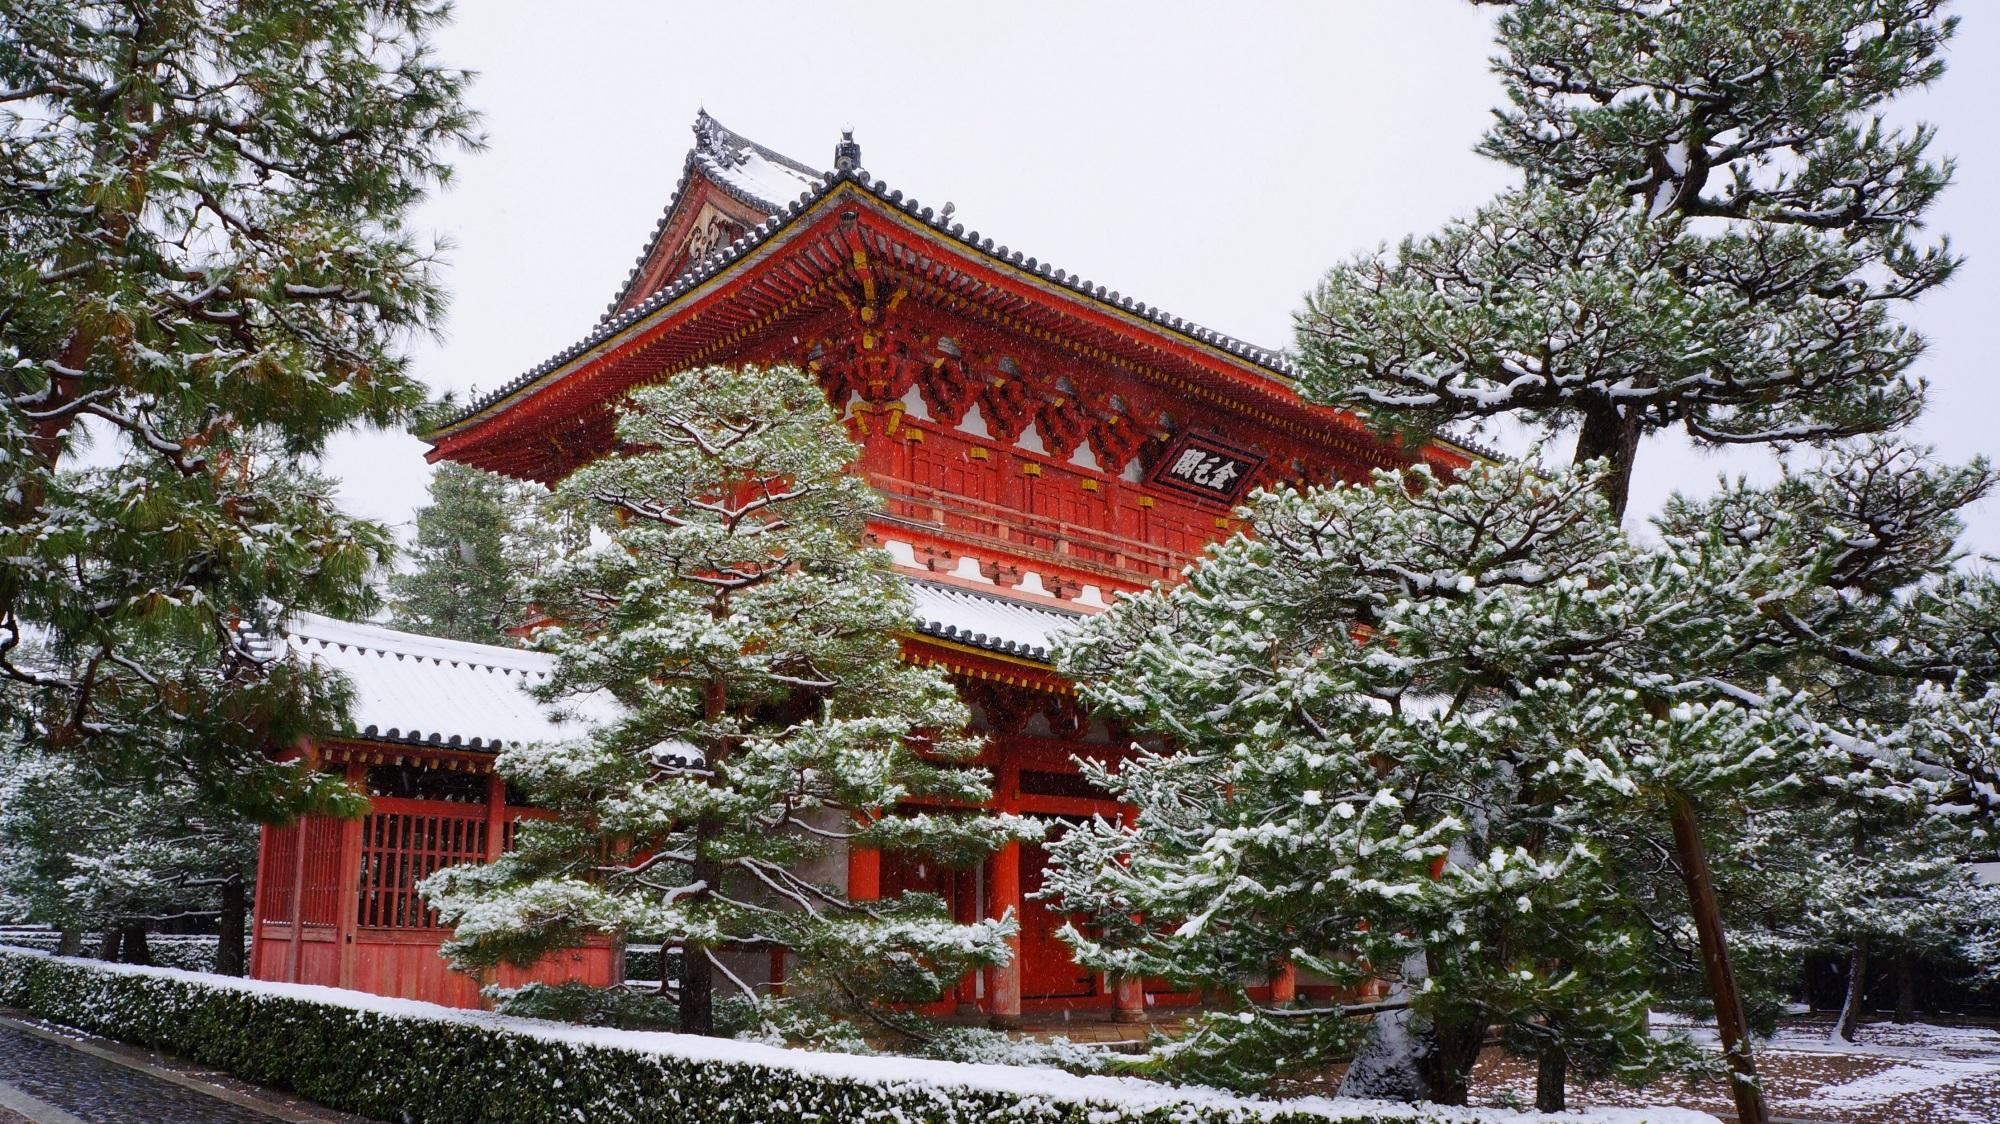 大徳寺 雪 朱色の門を染める白い雪景色